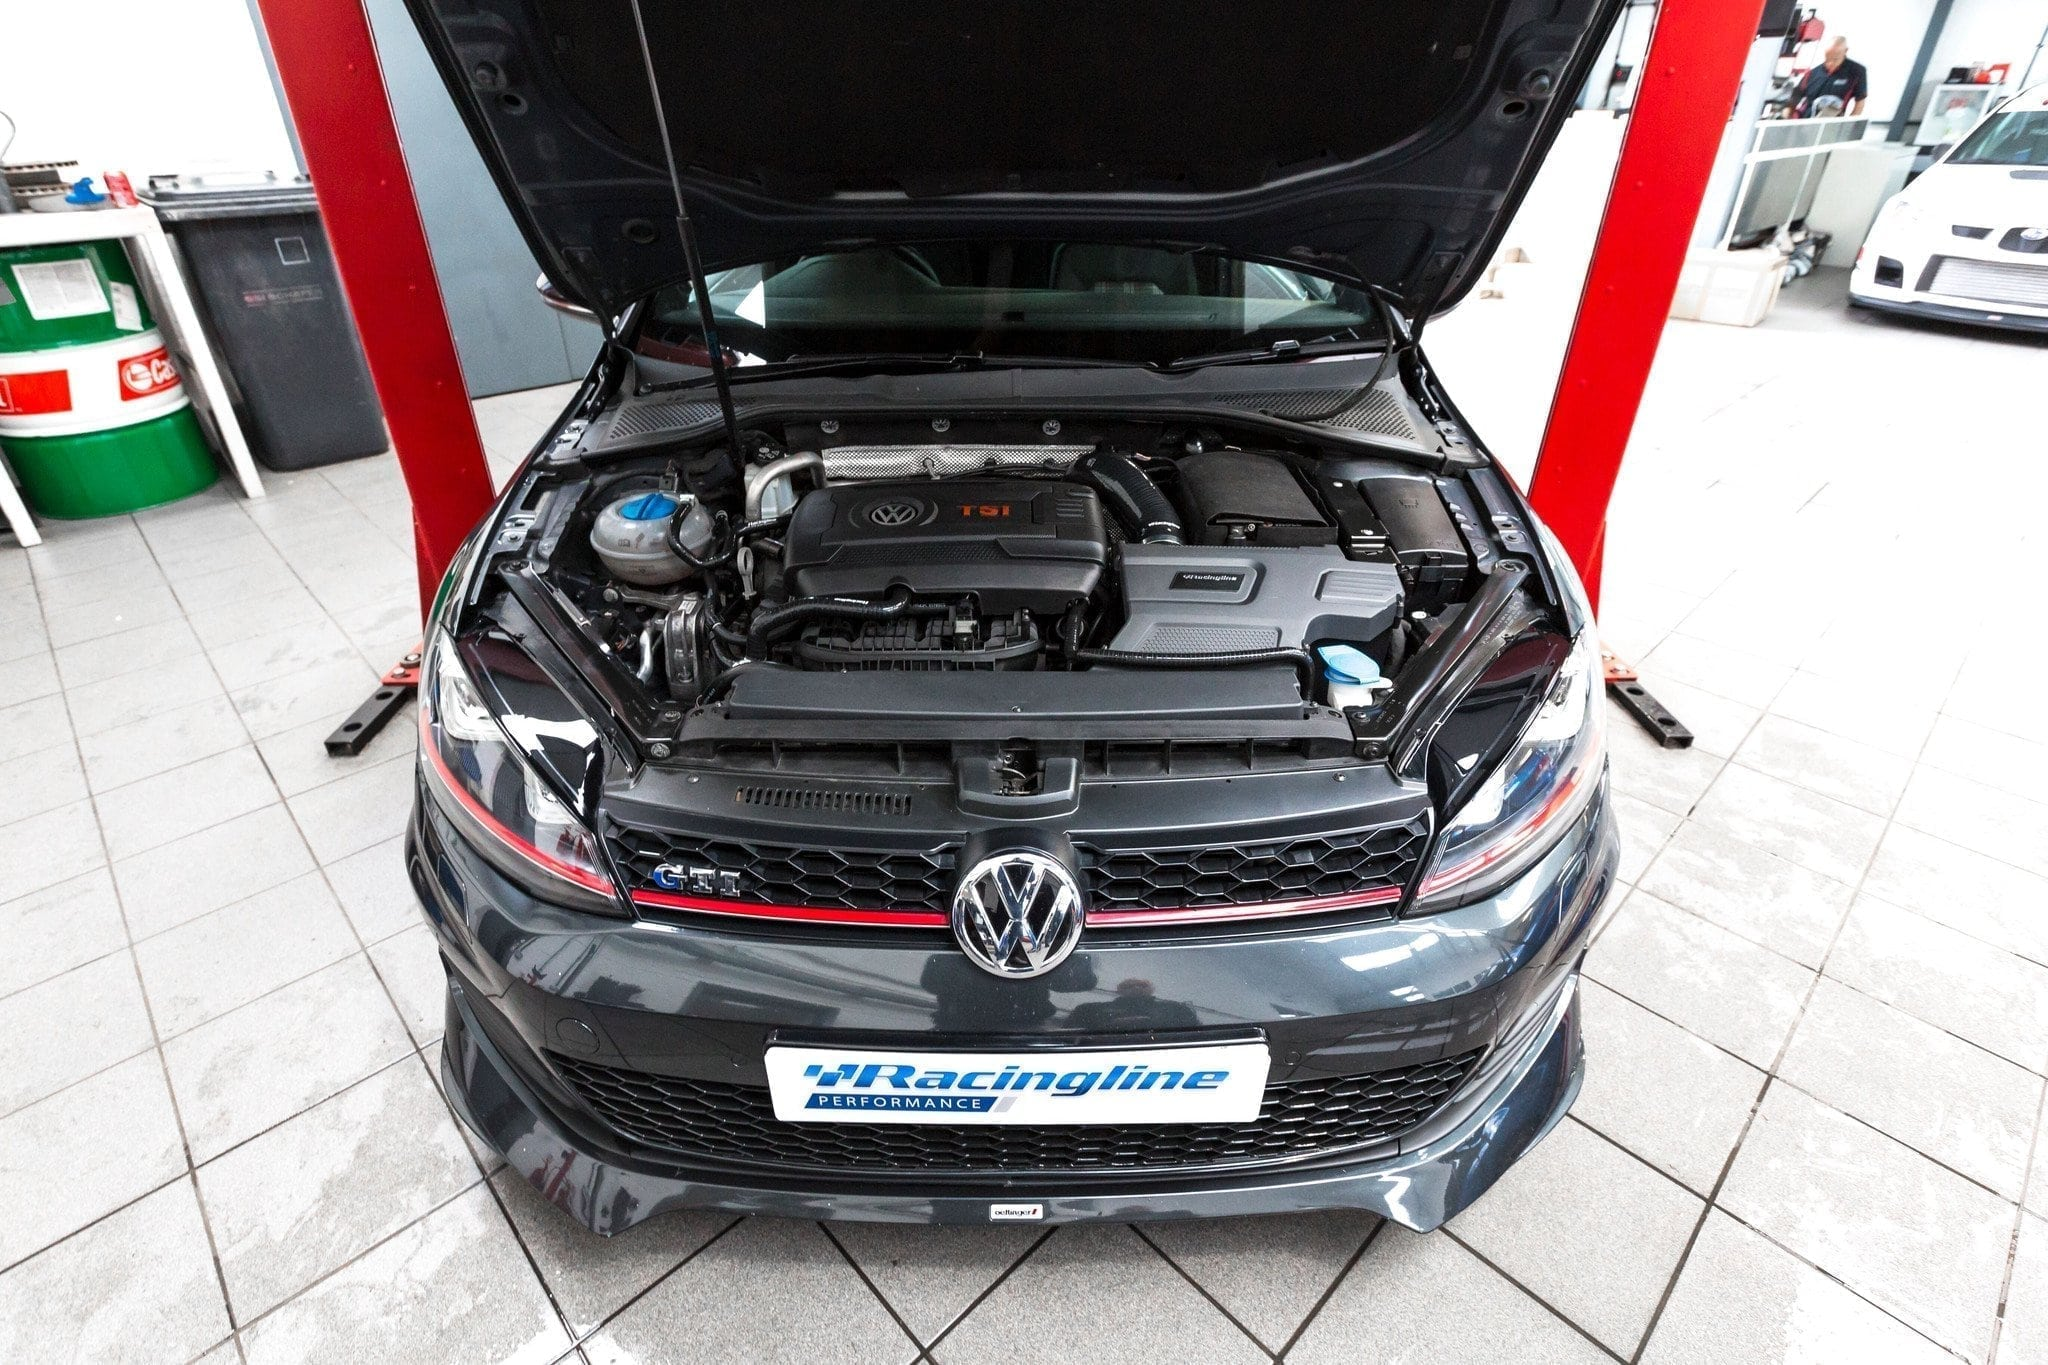 Racingline R600 Intake Golf 7 R GTI / Audi A3 S3 8v / Seat Leon Cupra 280 MQB CARS